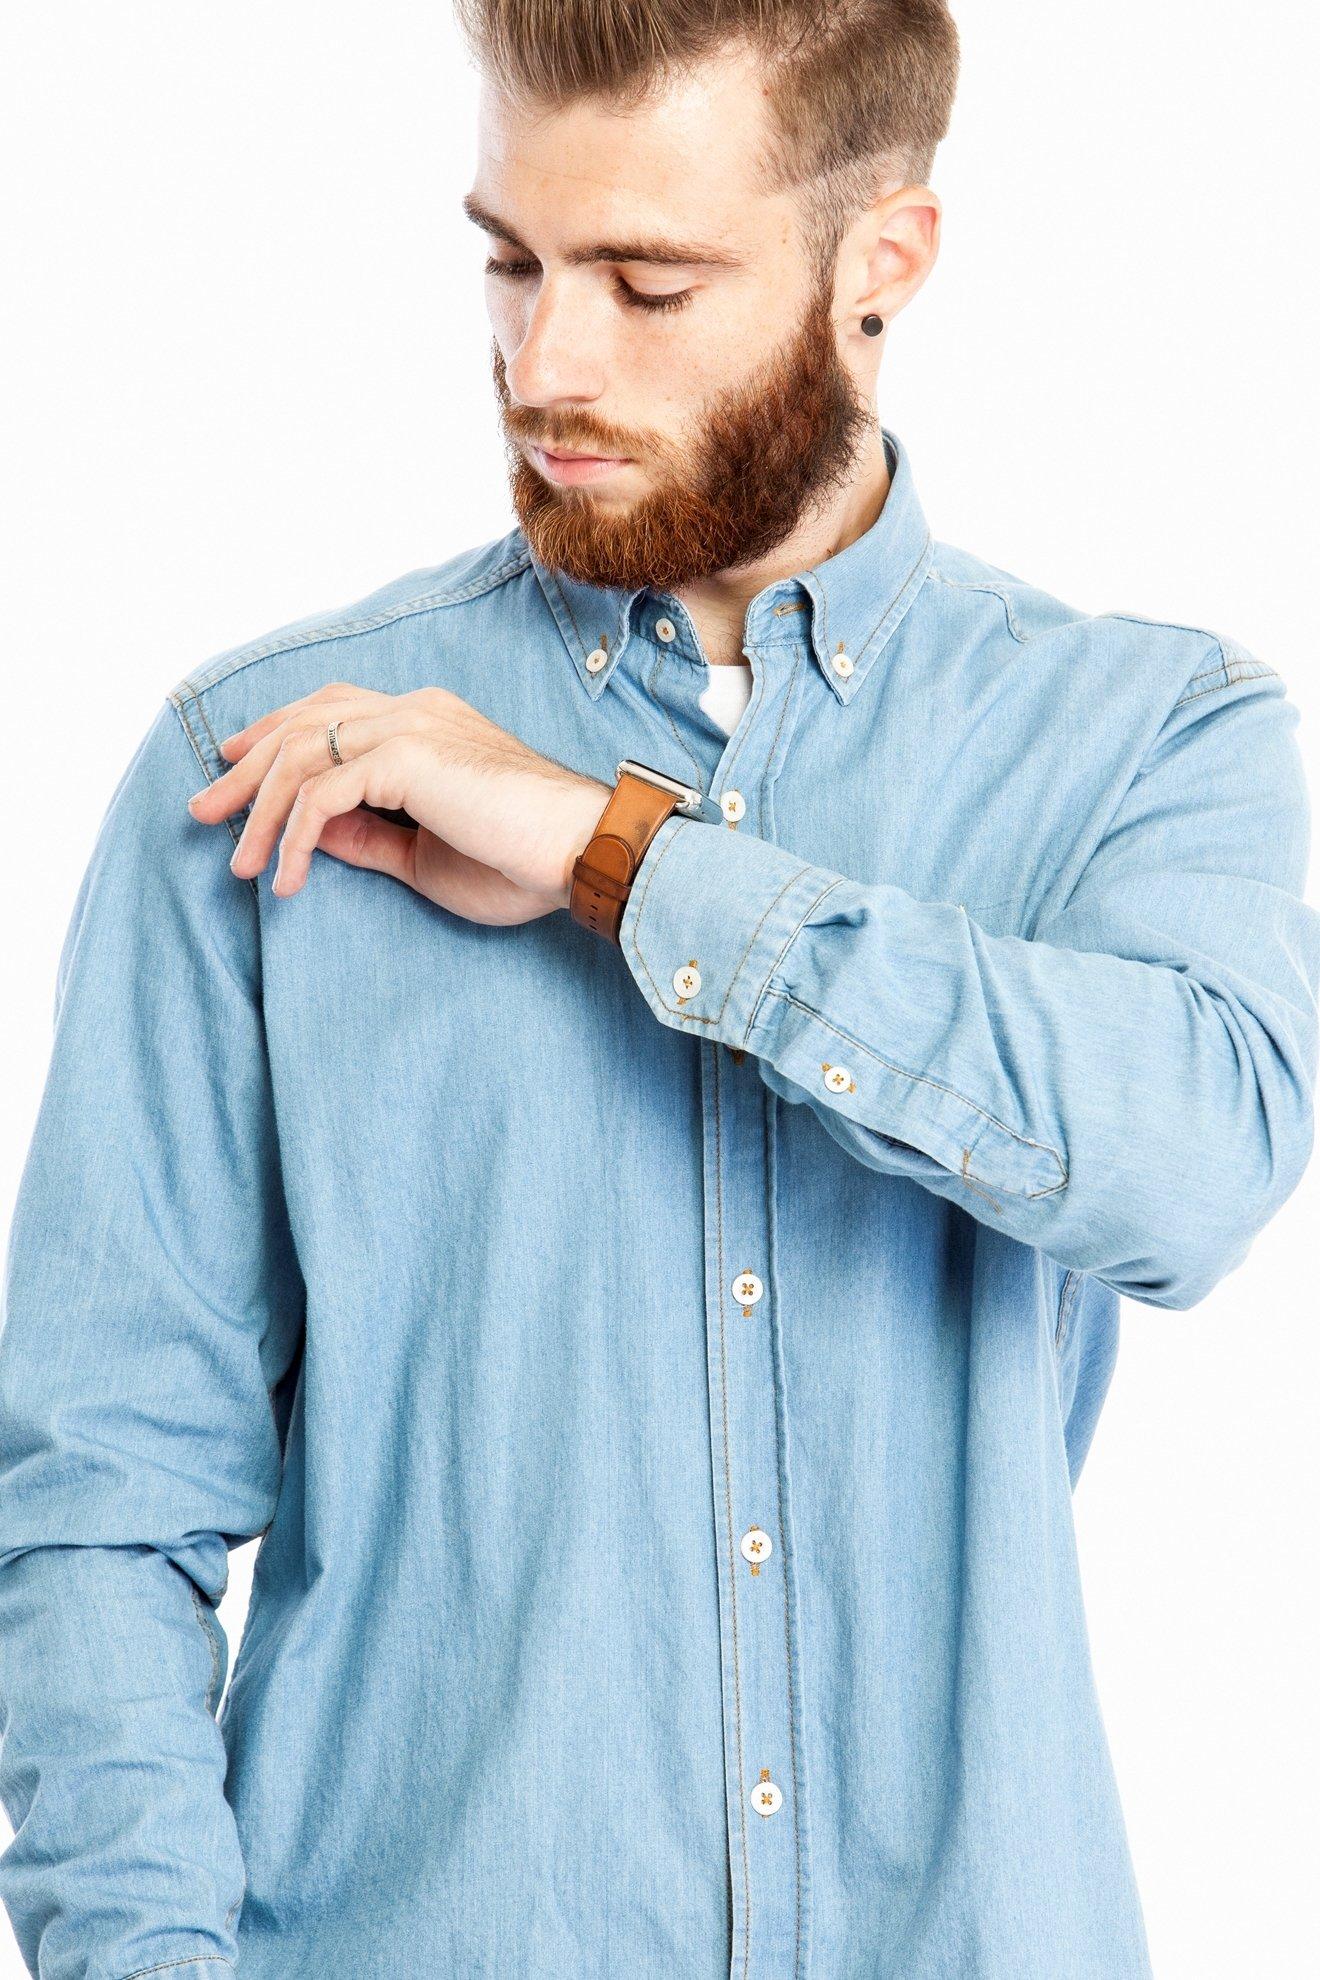 Джинсовая рубашка с длинным рукавом (Арт. Т 2725)